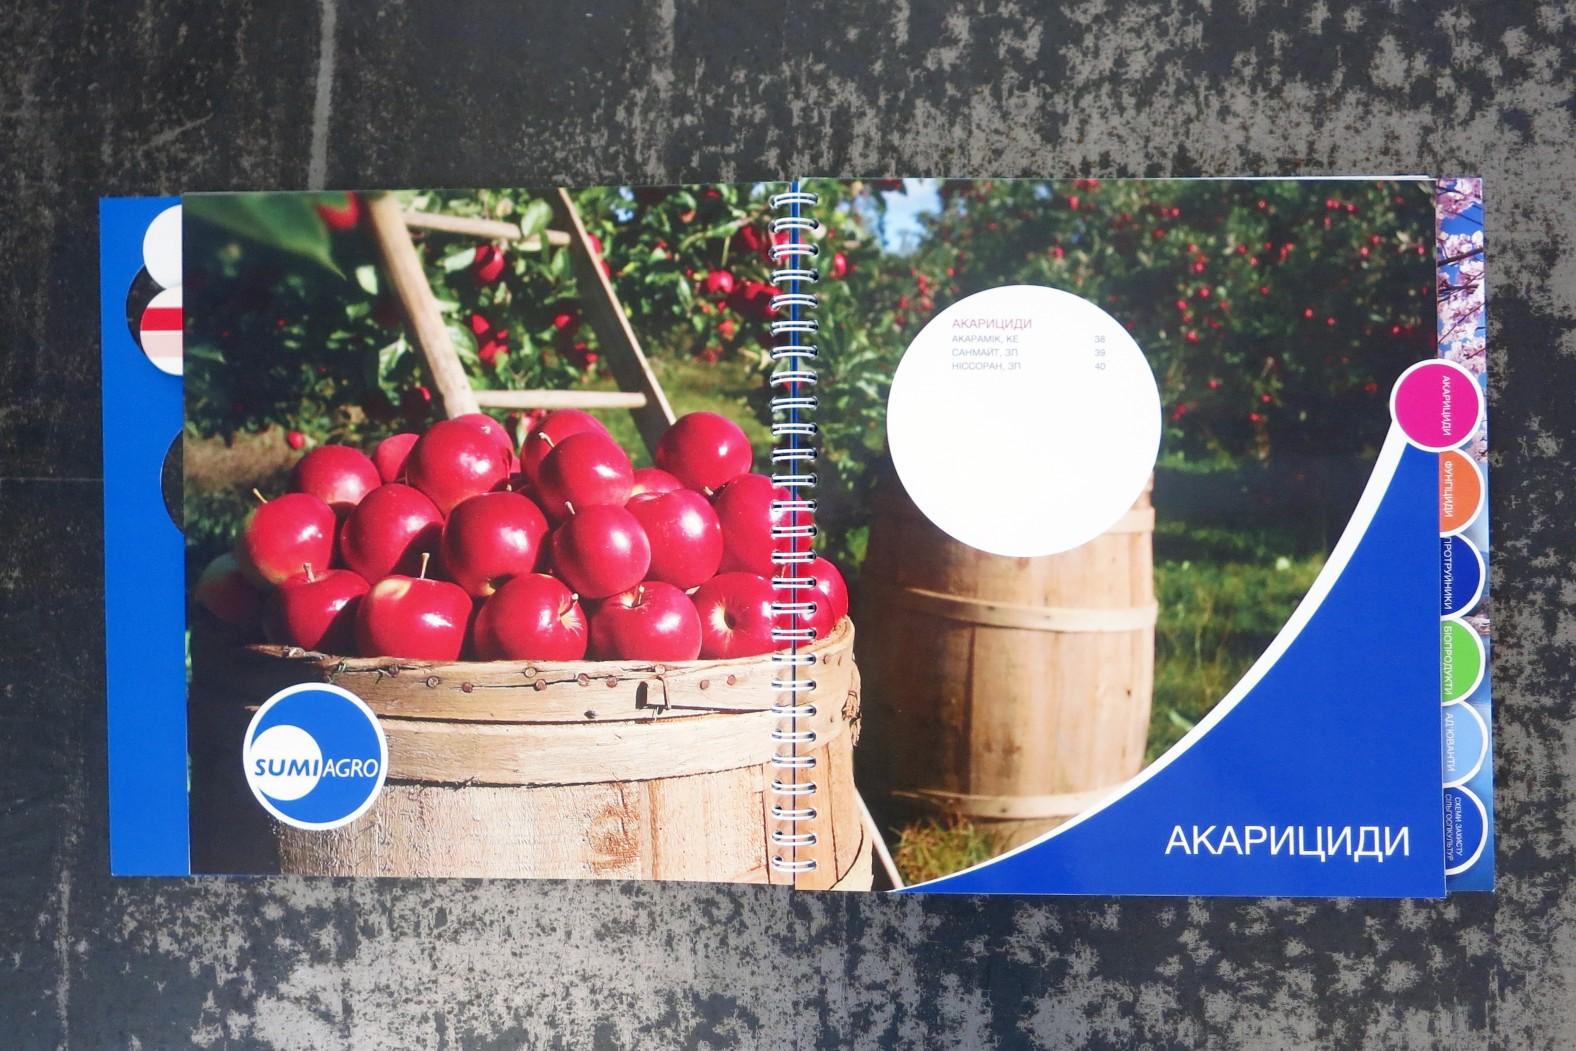 Каталоги для SUMMIT-AGRO UKRAINE   Цены на печать каталогов в типографии Huss